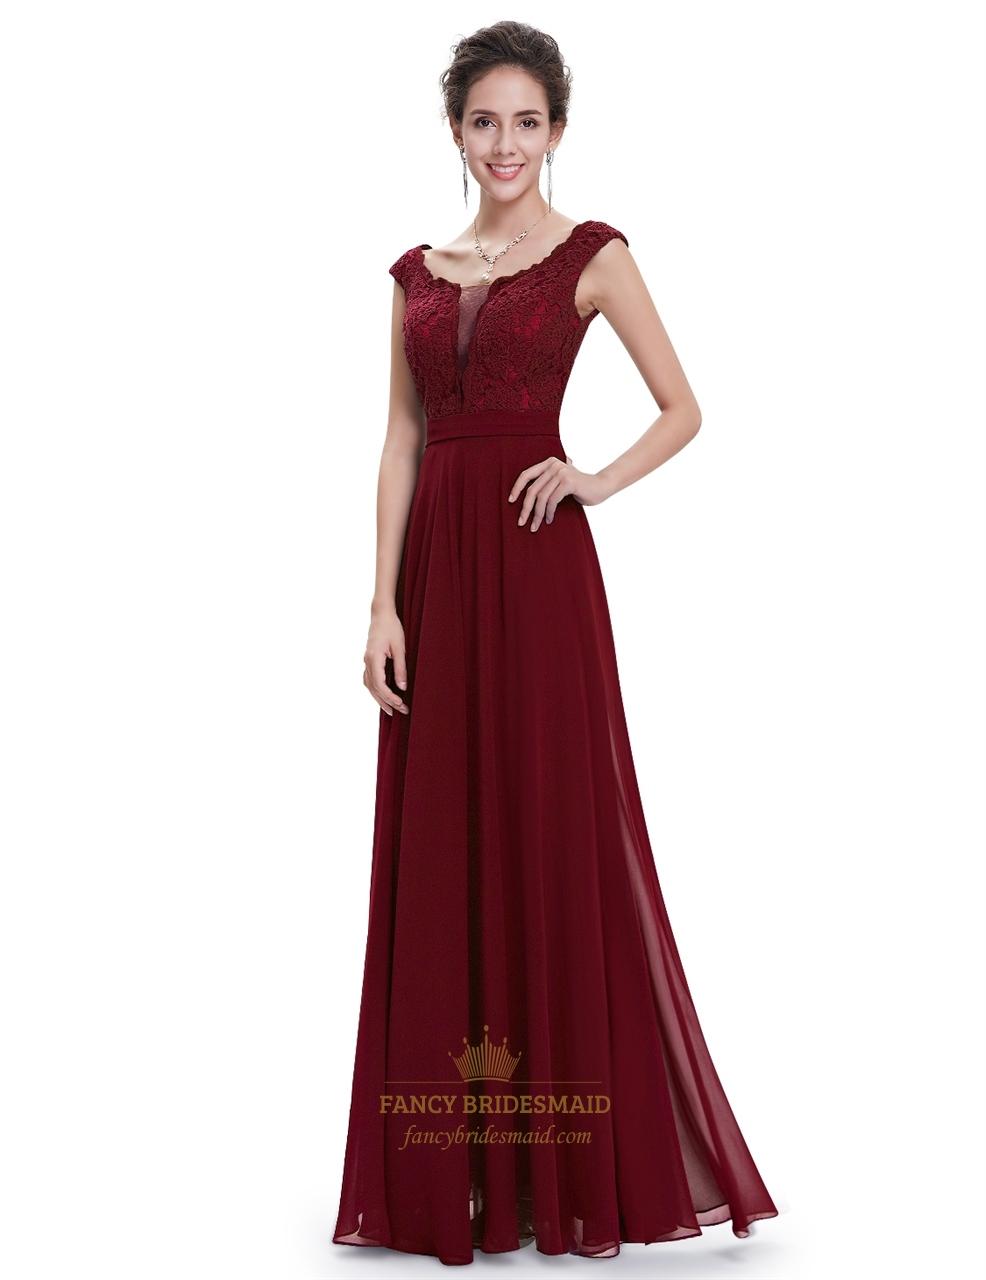 Burgundy chiffon cap sleeves long bridesmaid dresses with lace burgundy chiffon cap sleeves long bridesmaid dresses with lace bodice ombrellifo Images